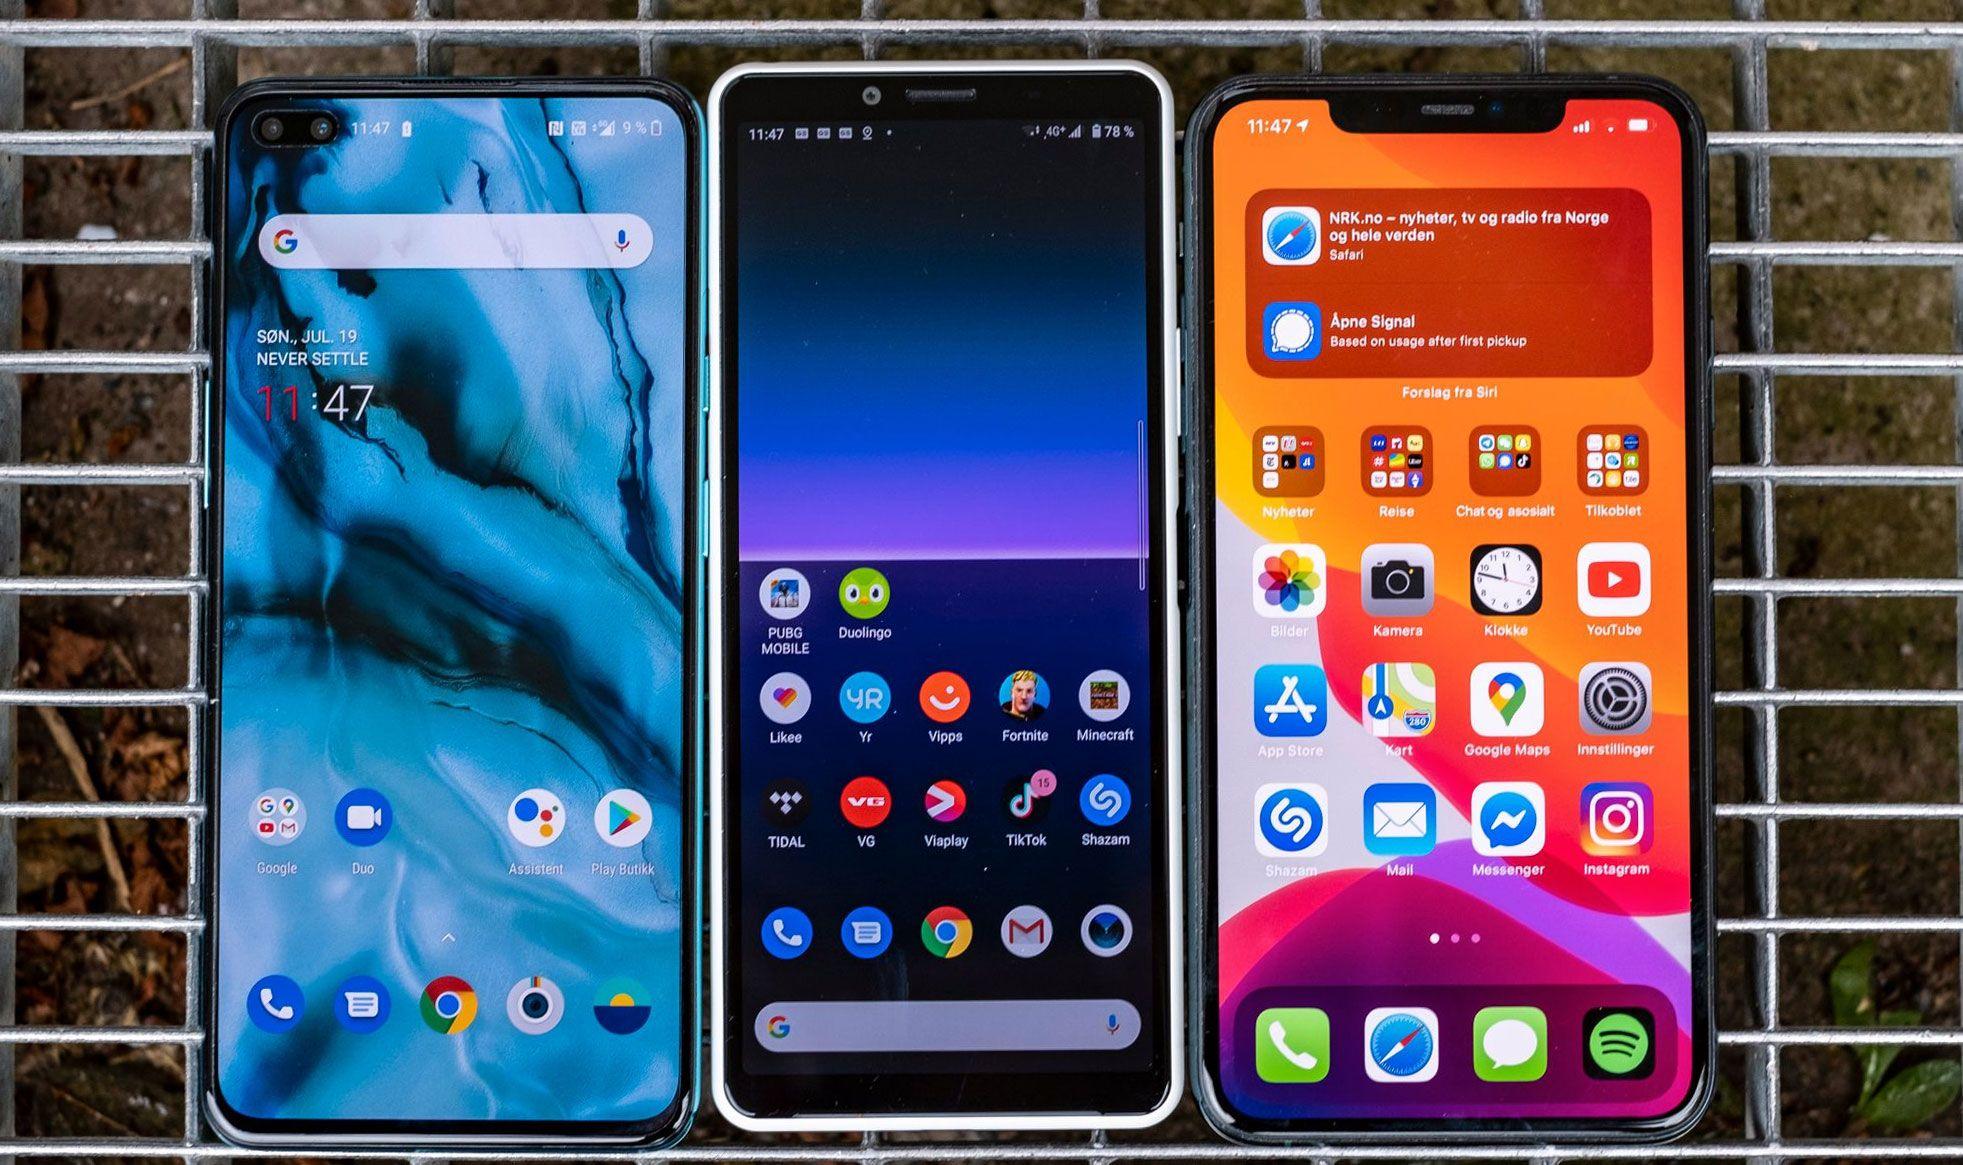 Fra venstre; OnePlus Nord, Xperia 10 II og - helt i andre enden prismessig - iPhone 11 Pro Max, som hverken har 5G eller skjerm med høy oppdateringsfrekvens. På papiret burde Nord være høyst konkurransedyktig med den tre ganger dyrere telefonen.